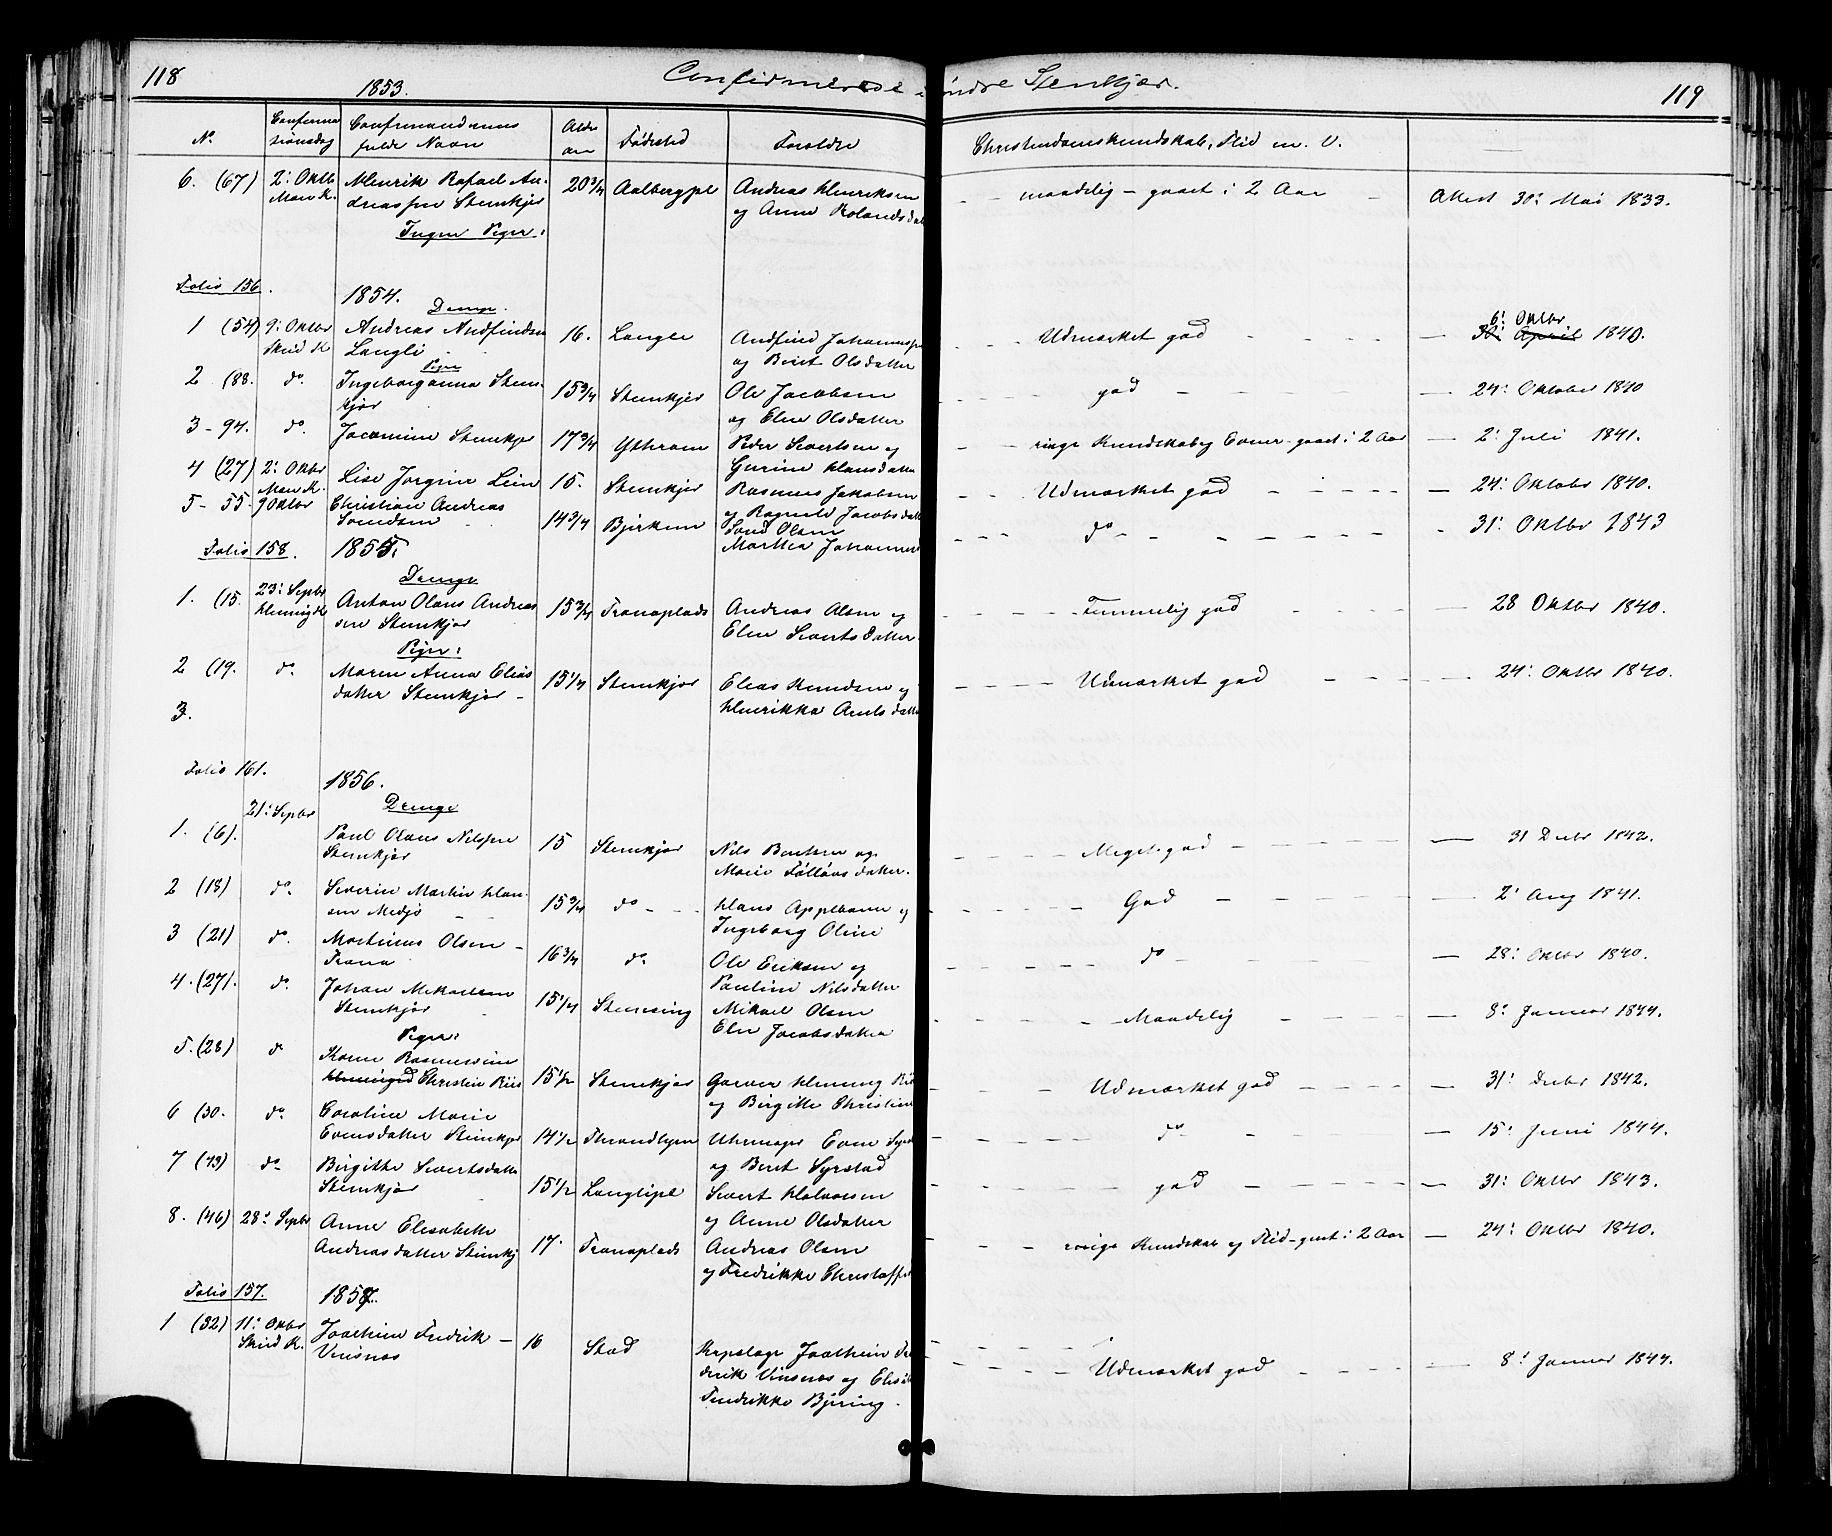 SAT, Ministerialprotokoller, klokkerbøker og fødselsregistre - Nord-Trøndelag, 739/L0367: Ministerialbok nr. 739A01 /1, 1838-1868, s. 118-119